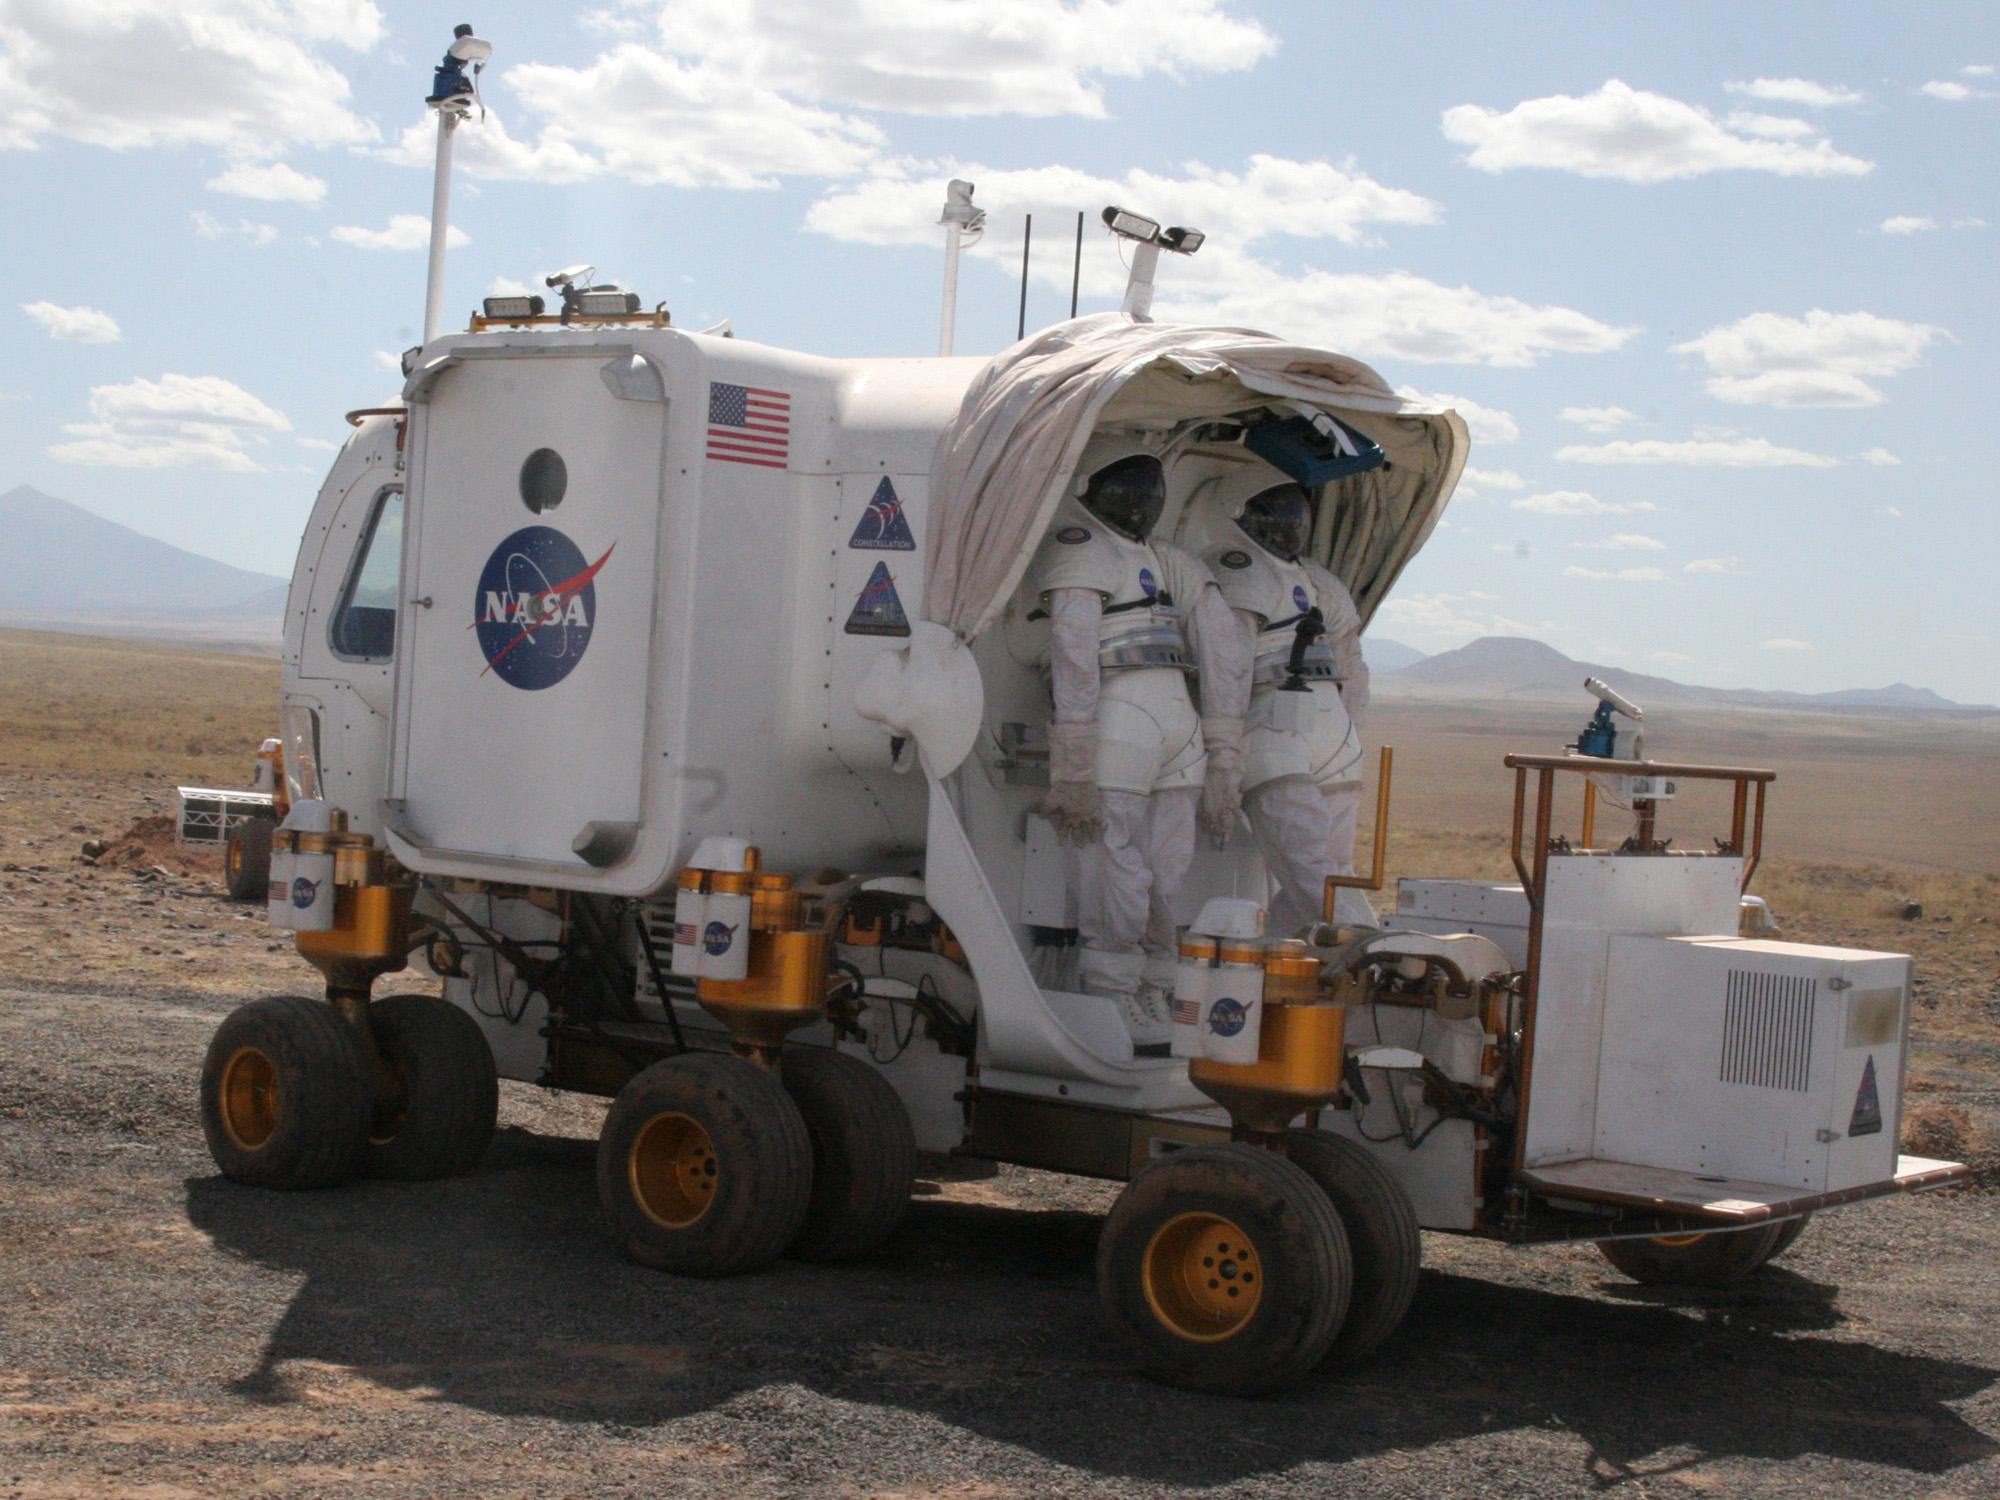 NASA: Arizona will play key role in next moon mission ...